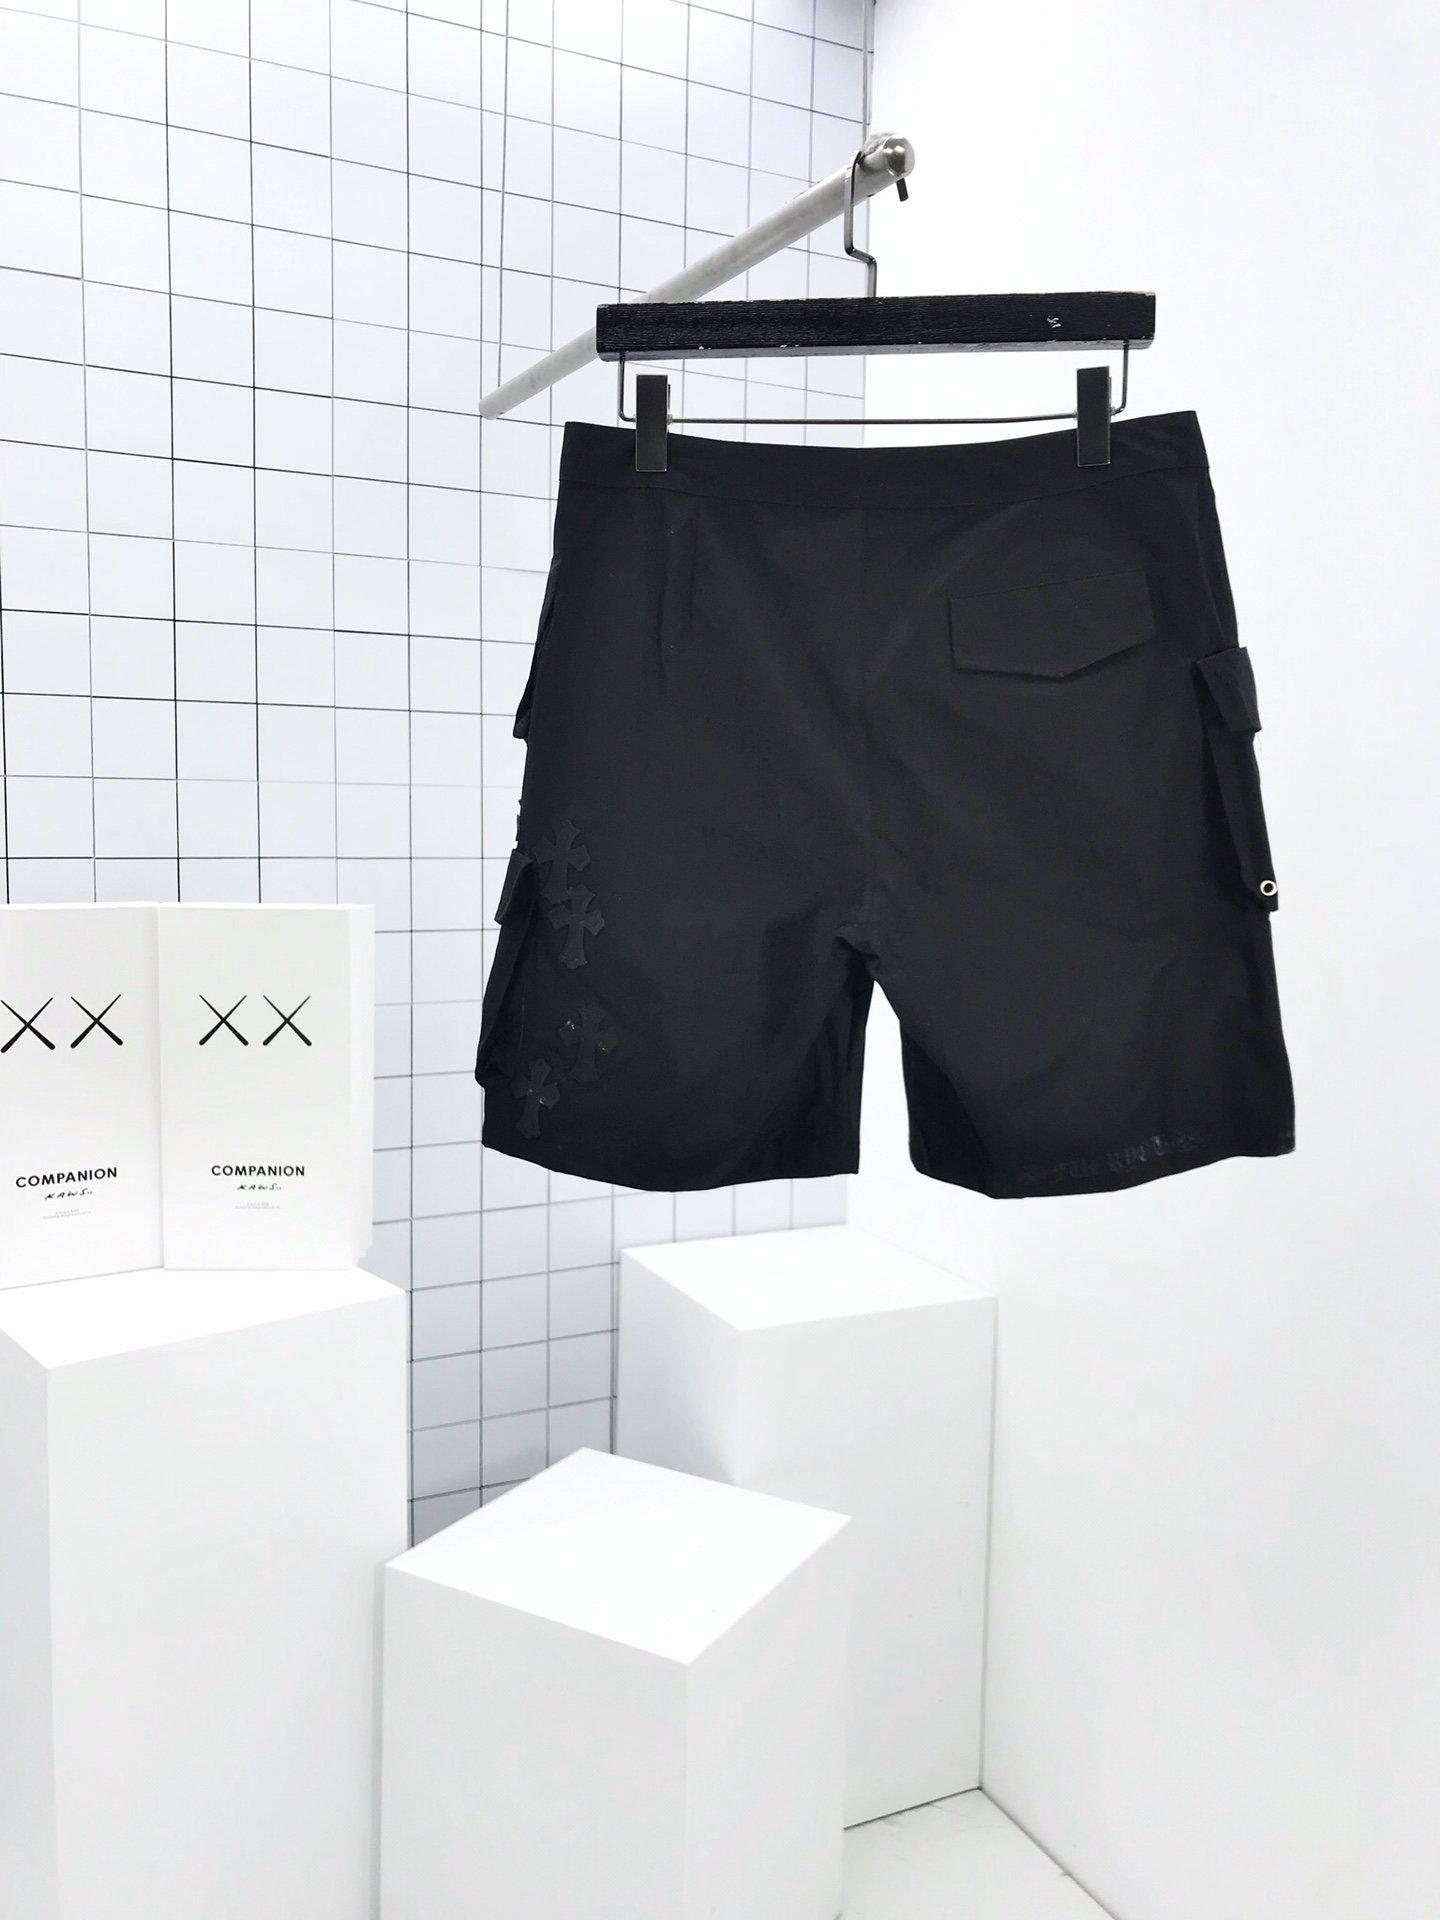 Leder Quertasche Shorts Designer-T-Shirts für Männer Trainingsanzüge Hoodie Frauen Kleidung Frauen Designer-T-Shirts Designer-Shorts